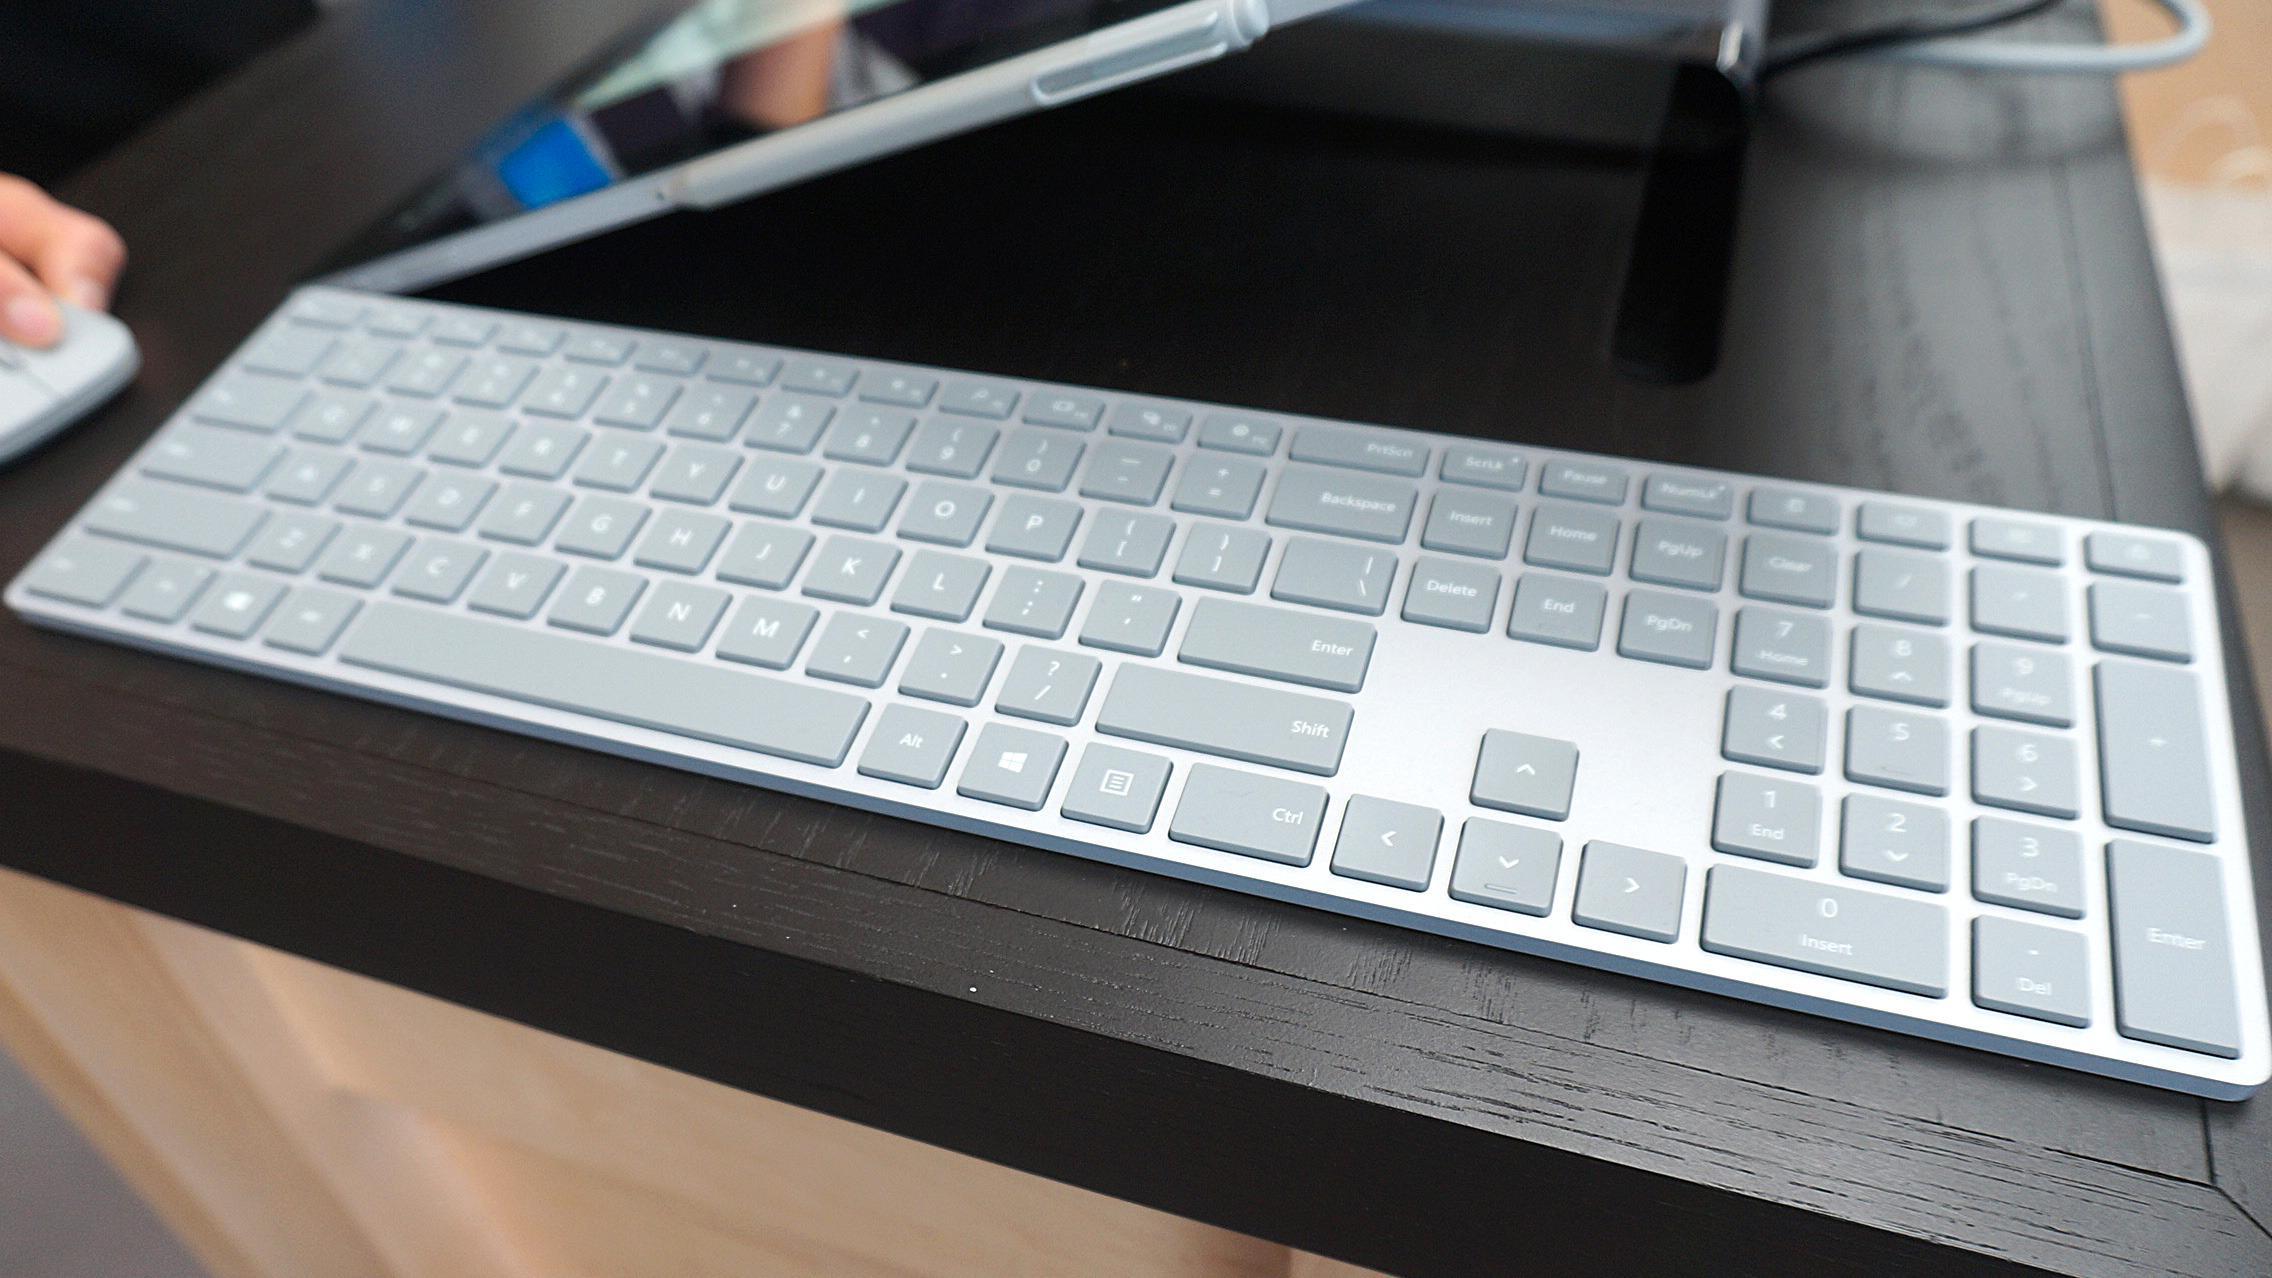 Ryktene om tastatur og mus under Surface-merket var i og for seg sanne, men det dreier seg om ytterst uspektakulære greier.